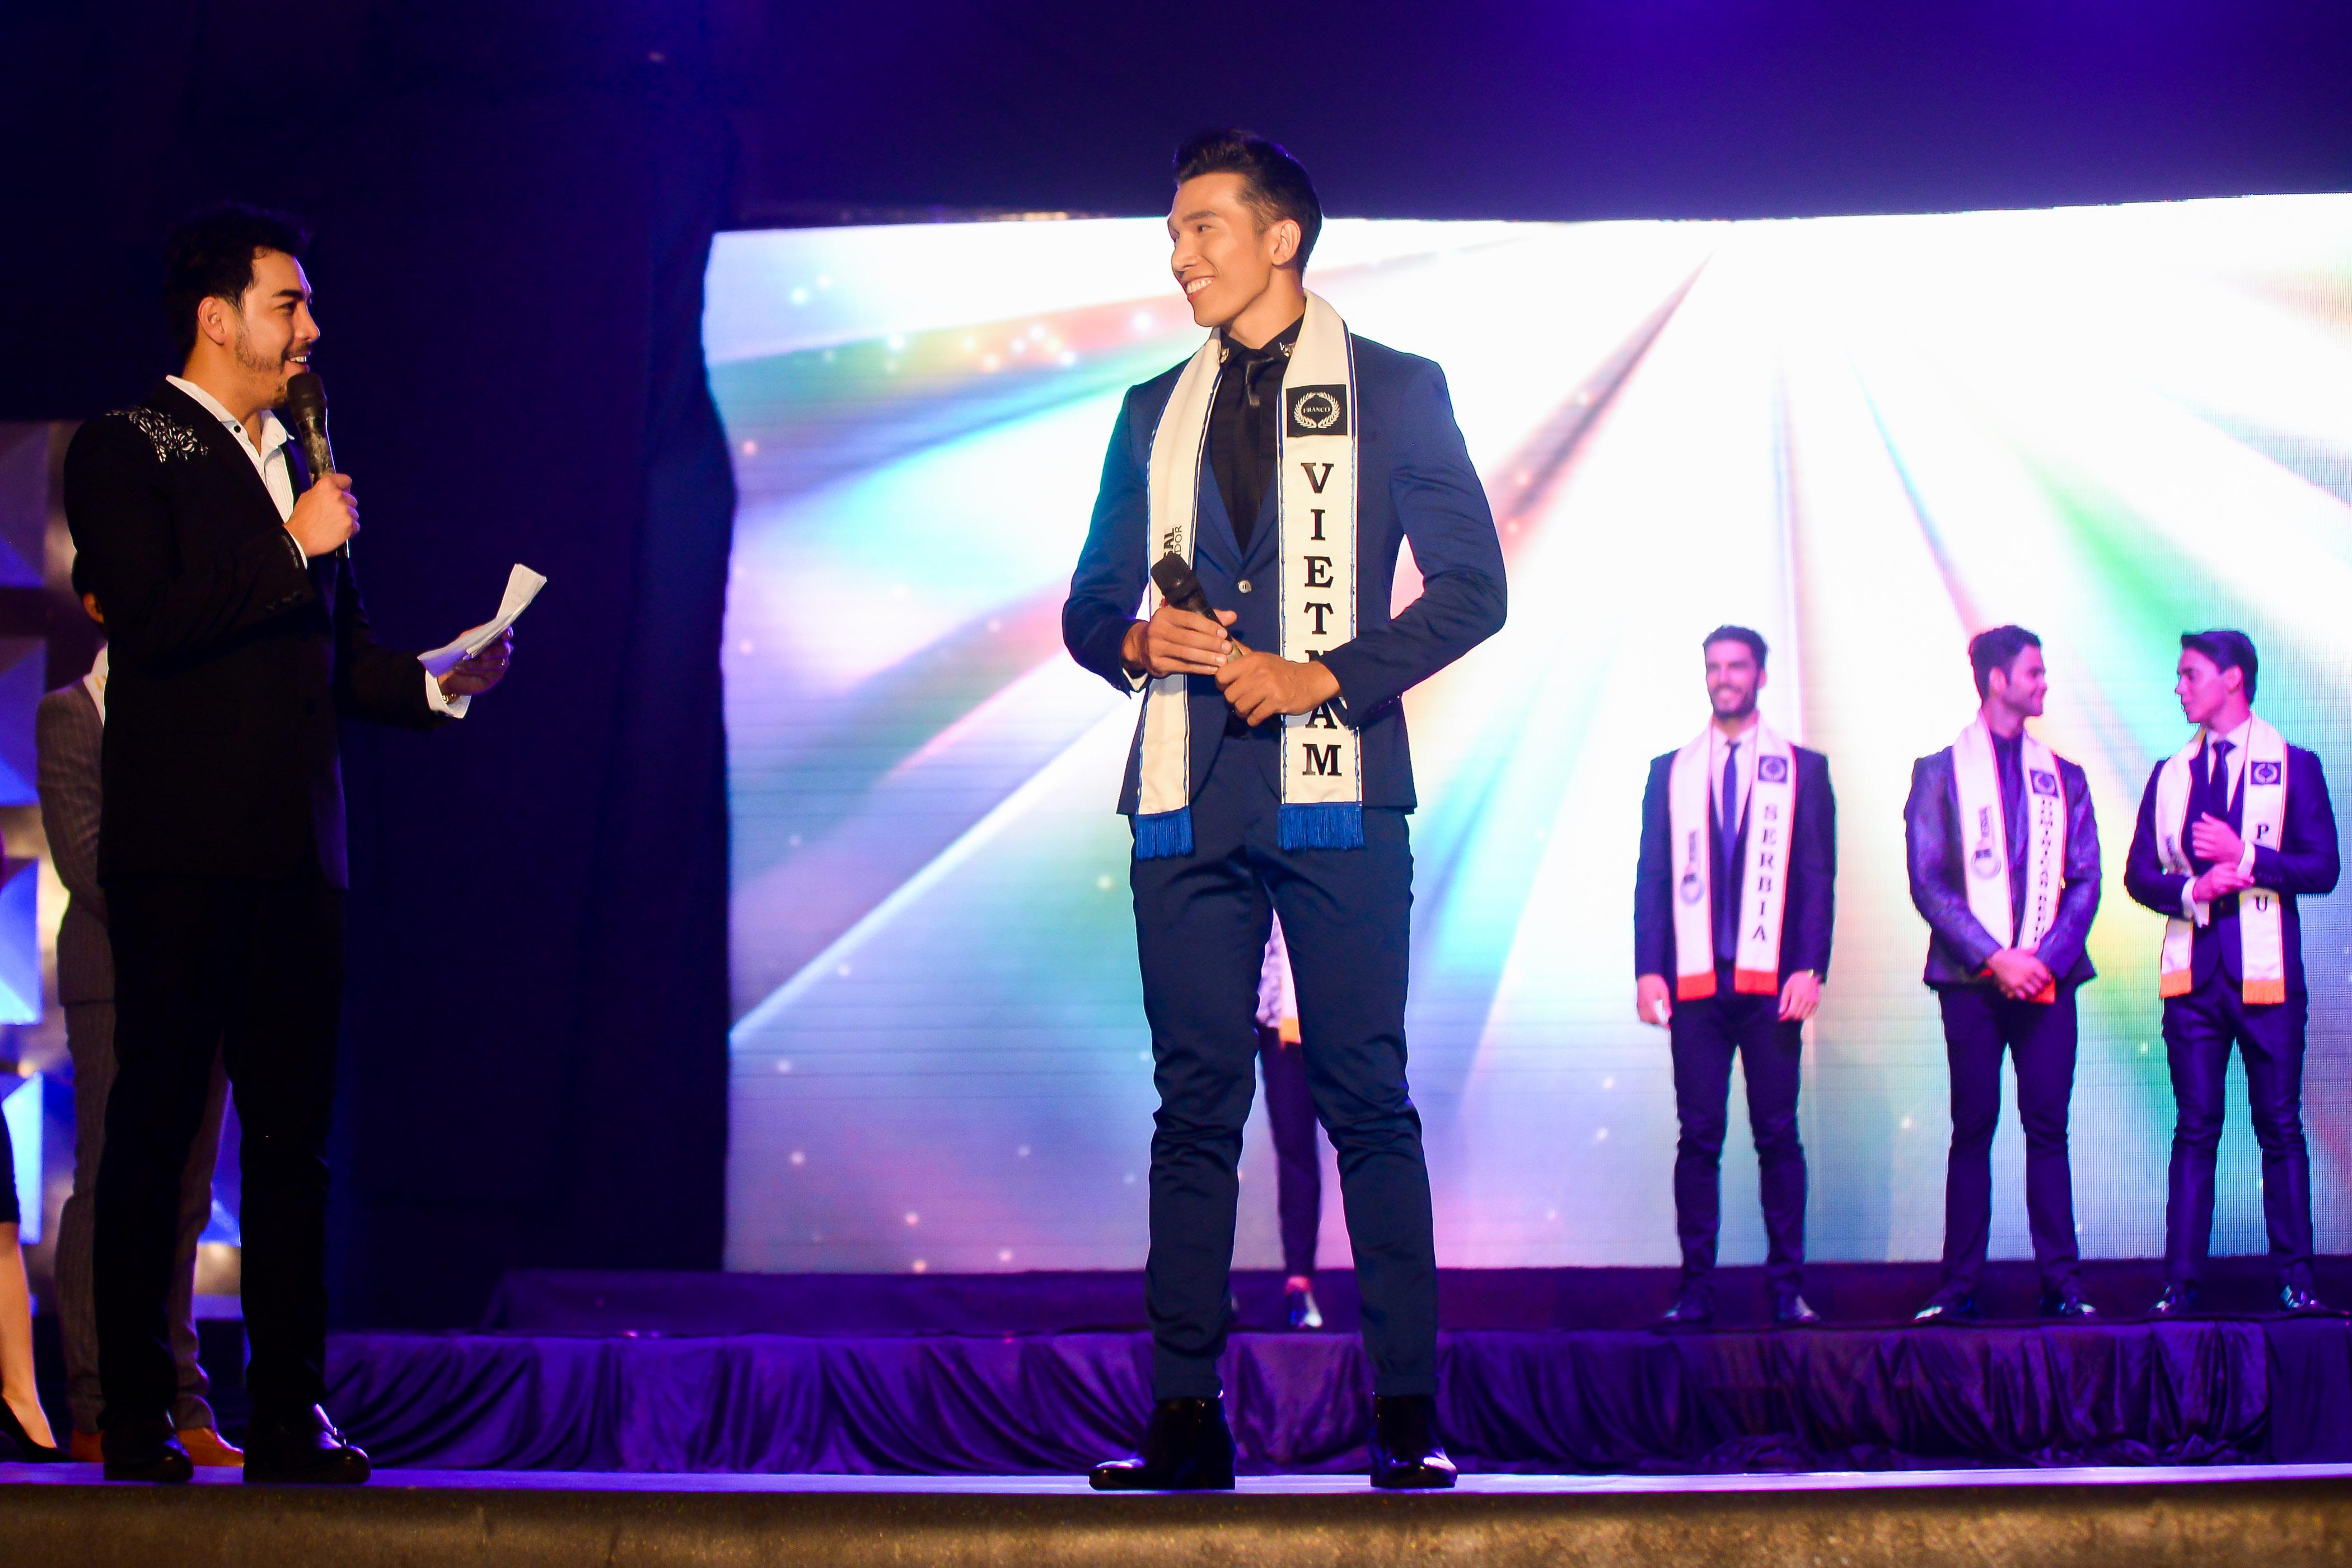 Ngọc Tình giành ngôi Á vương 1 tại Nam vương Đại sứ Hoàn cầu 2016 5